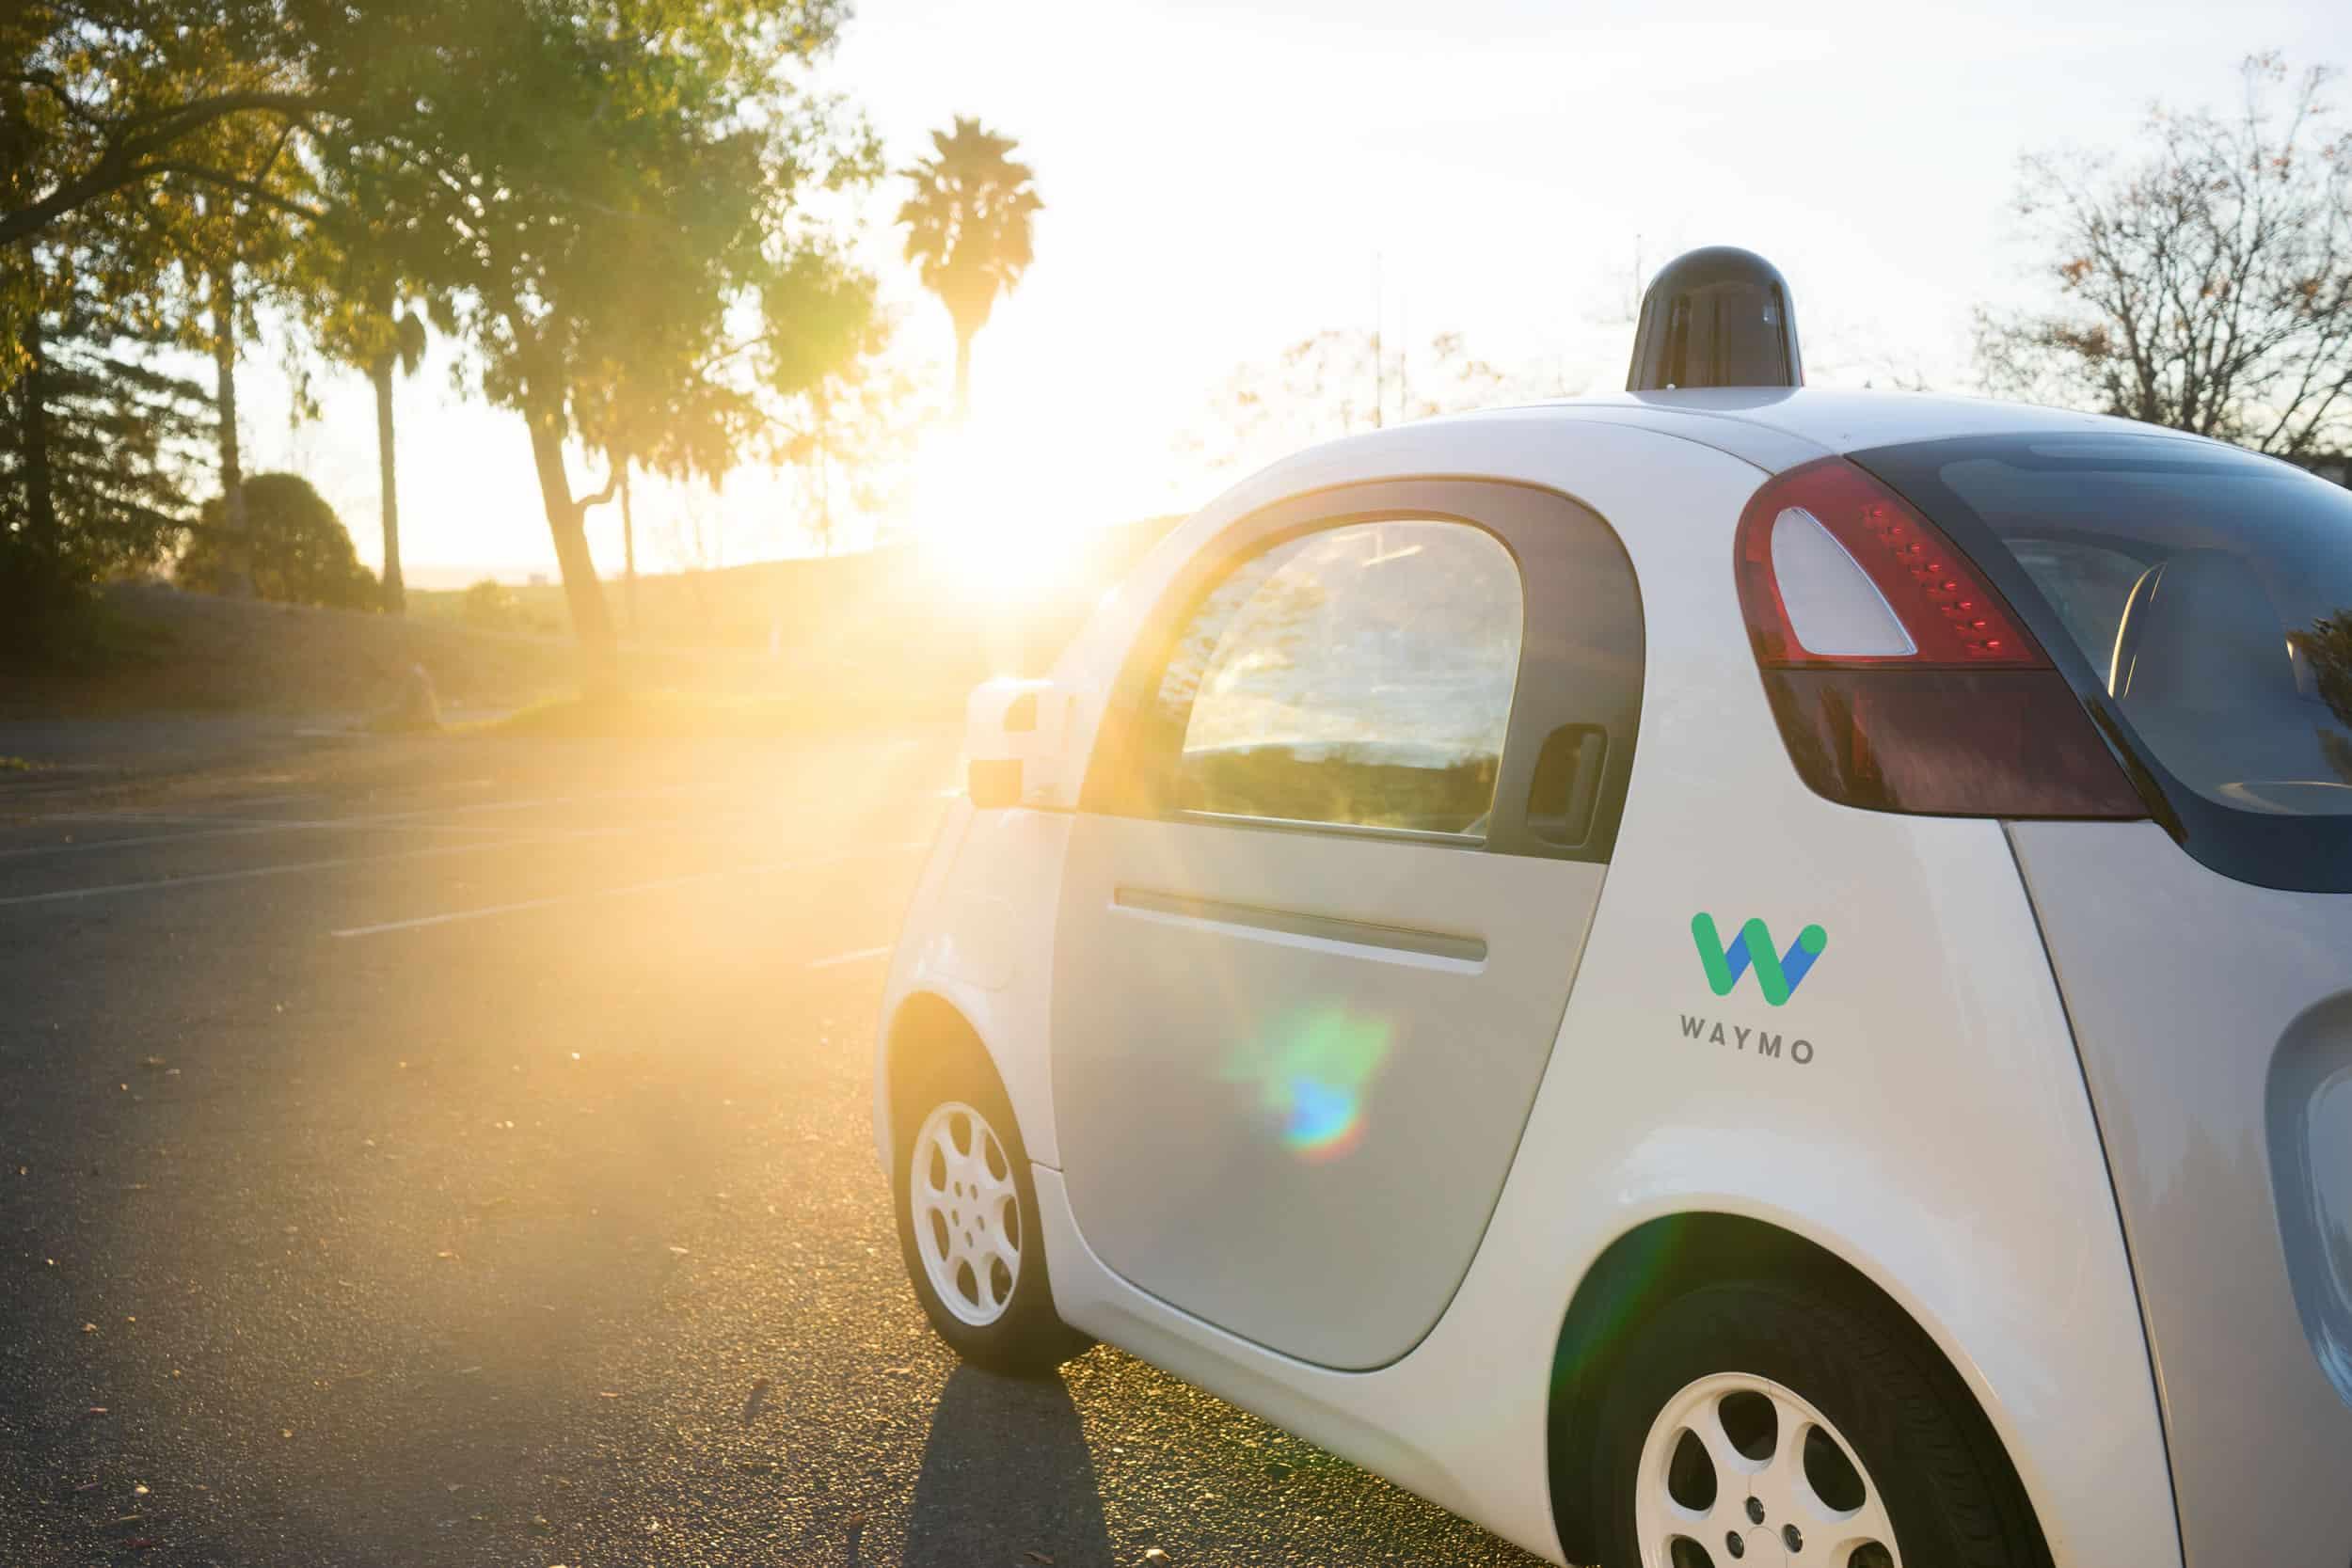 Waymo actualmente tiene dos vehículos. Uno de ellos este prototipo que conocemos desde Google.